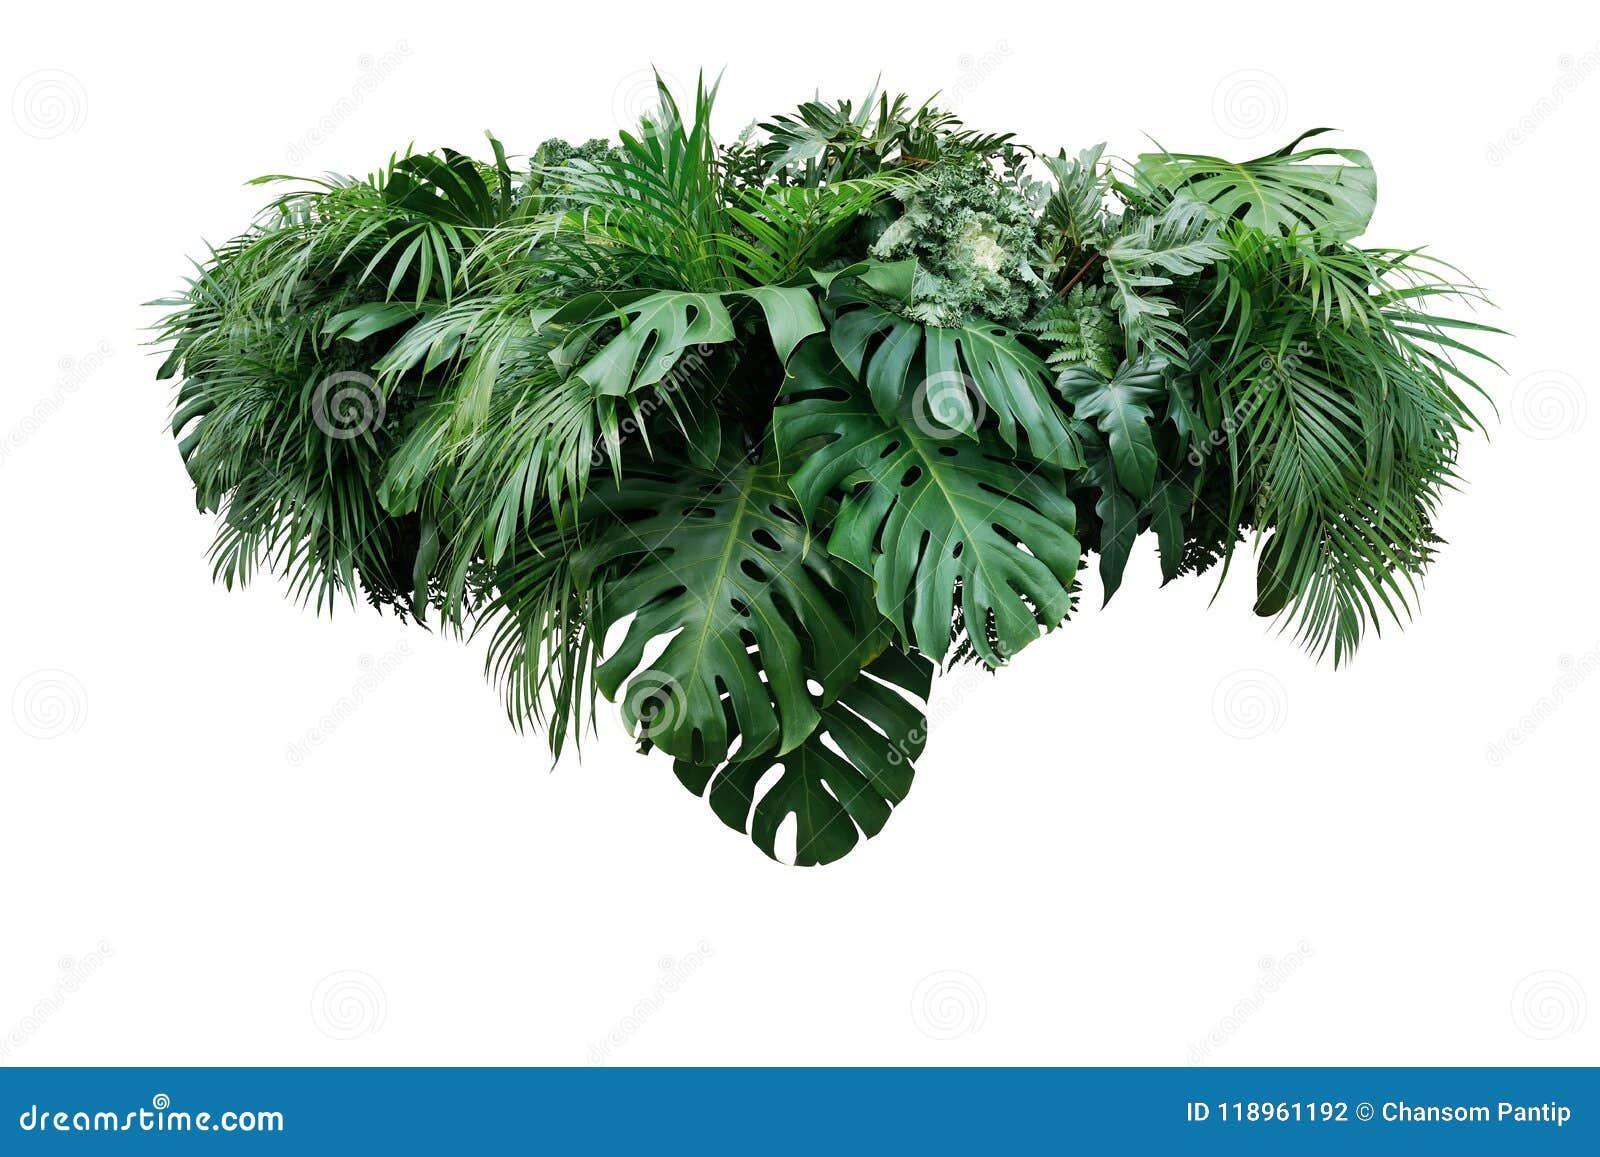 Tropical leaves foliage plant jungle bush floral arrangement nat